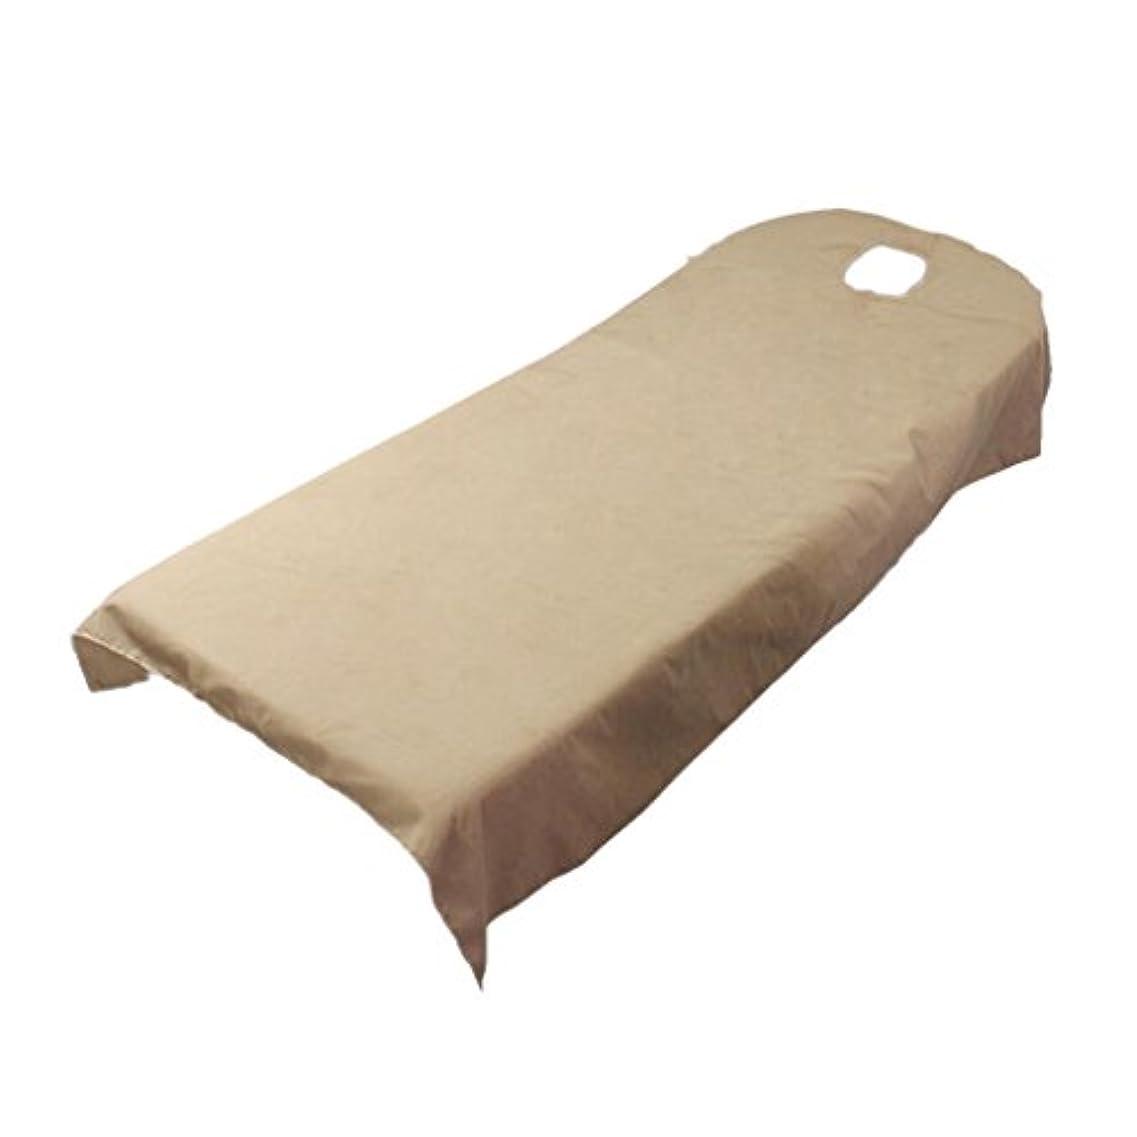 転用高度優れました柔らかい ベッドカバー シート ホール付き 美容/マッサージ/スパ専用 全9色可選 - キャメル